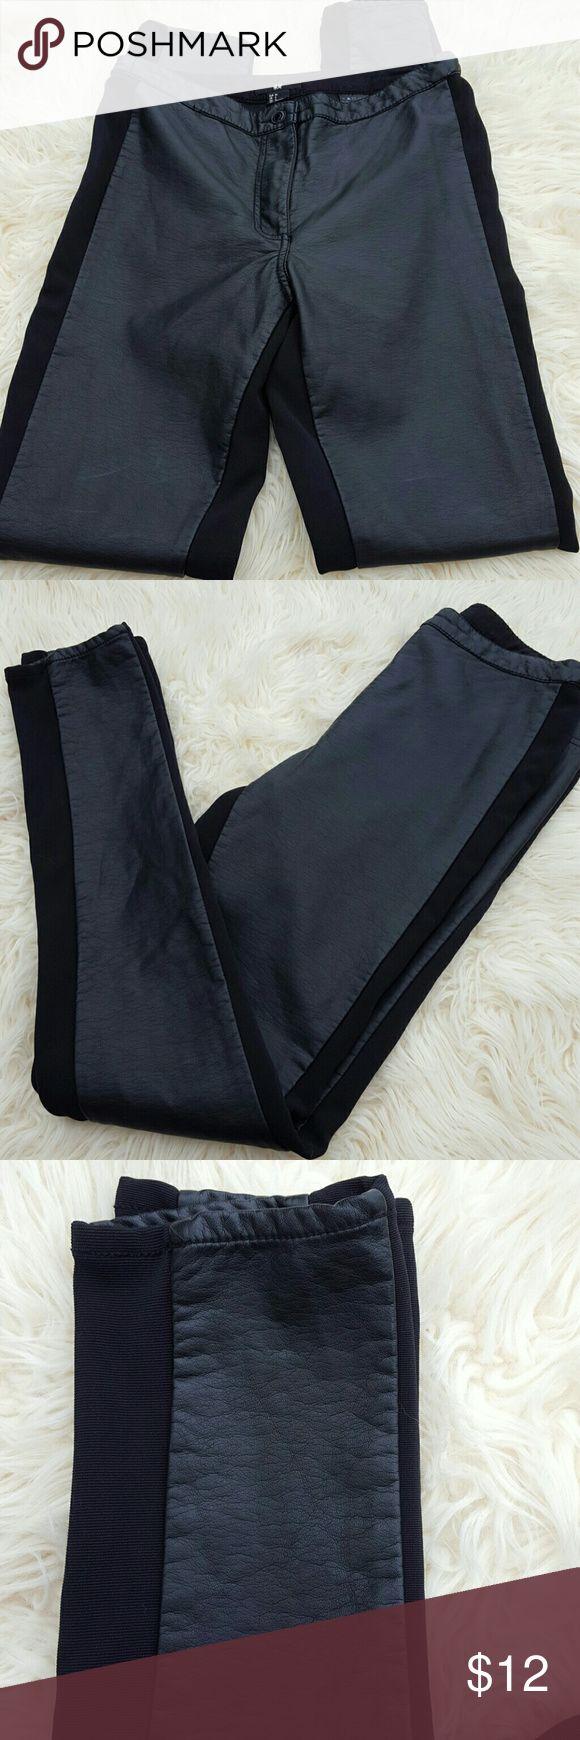 H&M LEGGINGS Leather. Side 97% polyester/3%elastane H&M Pants Leggings